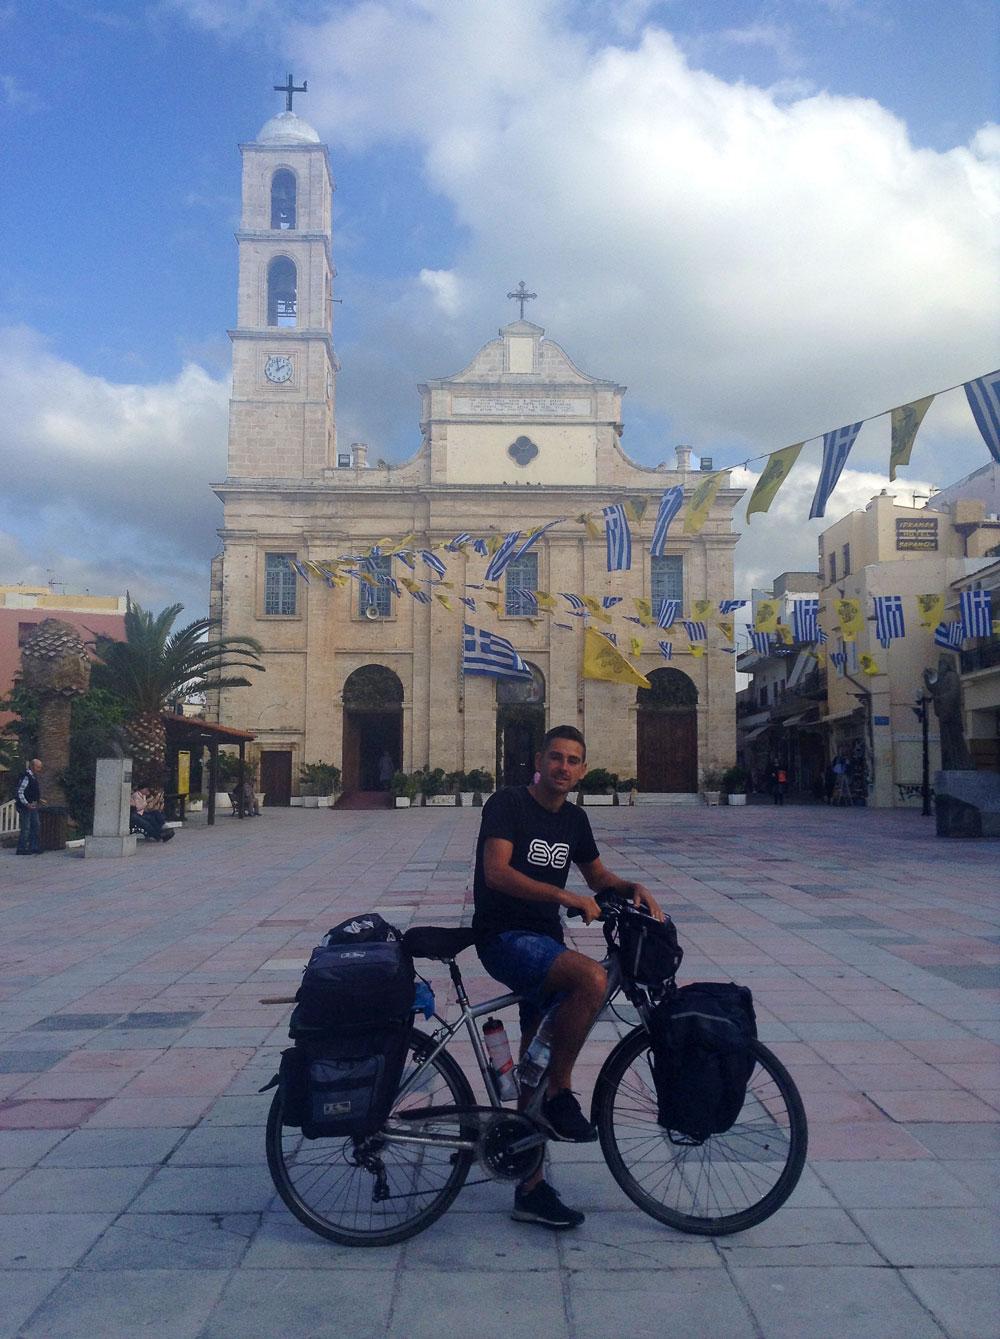 Arthur devant l'église du centre-ville de Chania, Crète